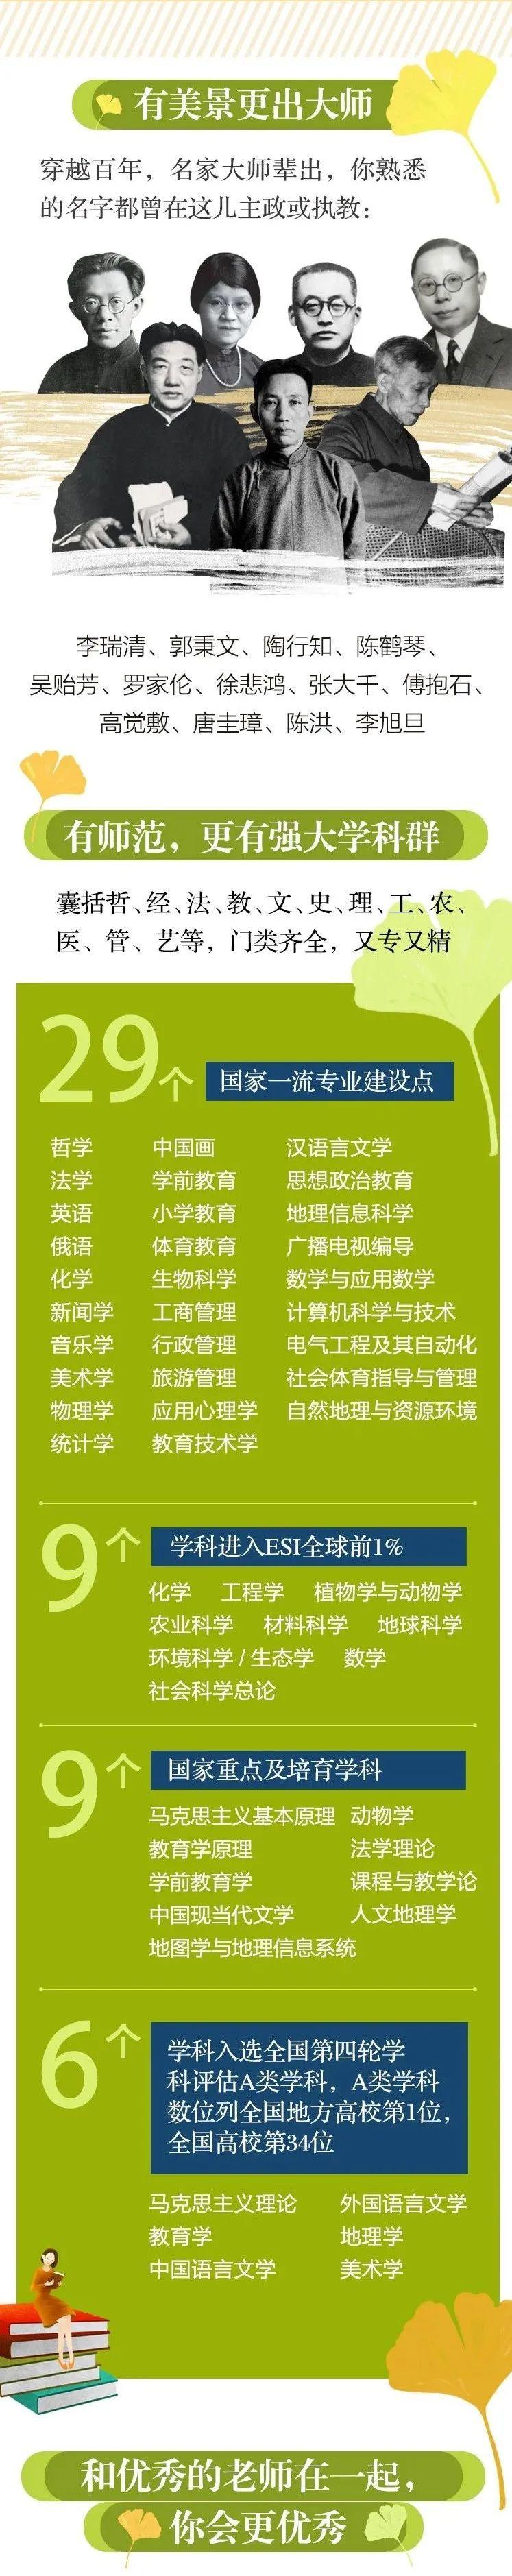 一图读懂南京师范大学2021年招生亮点